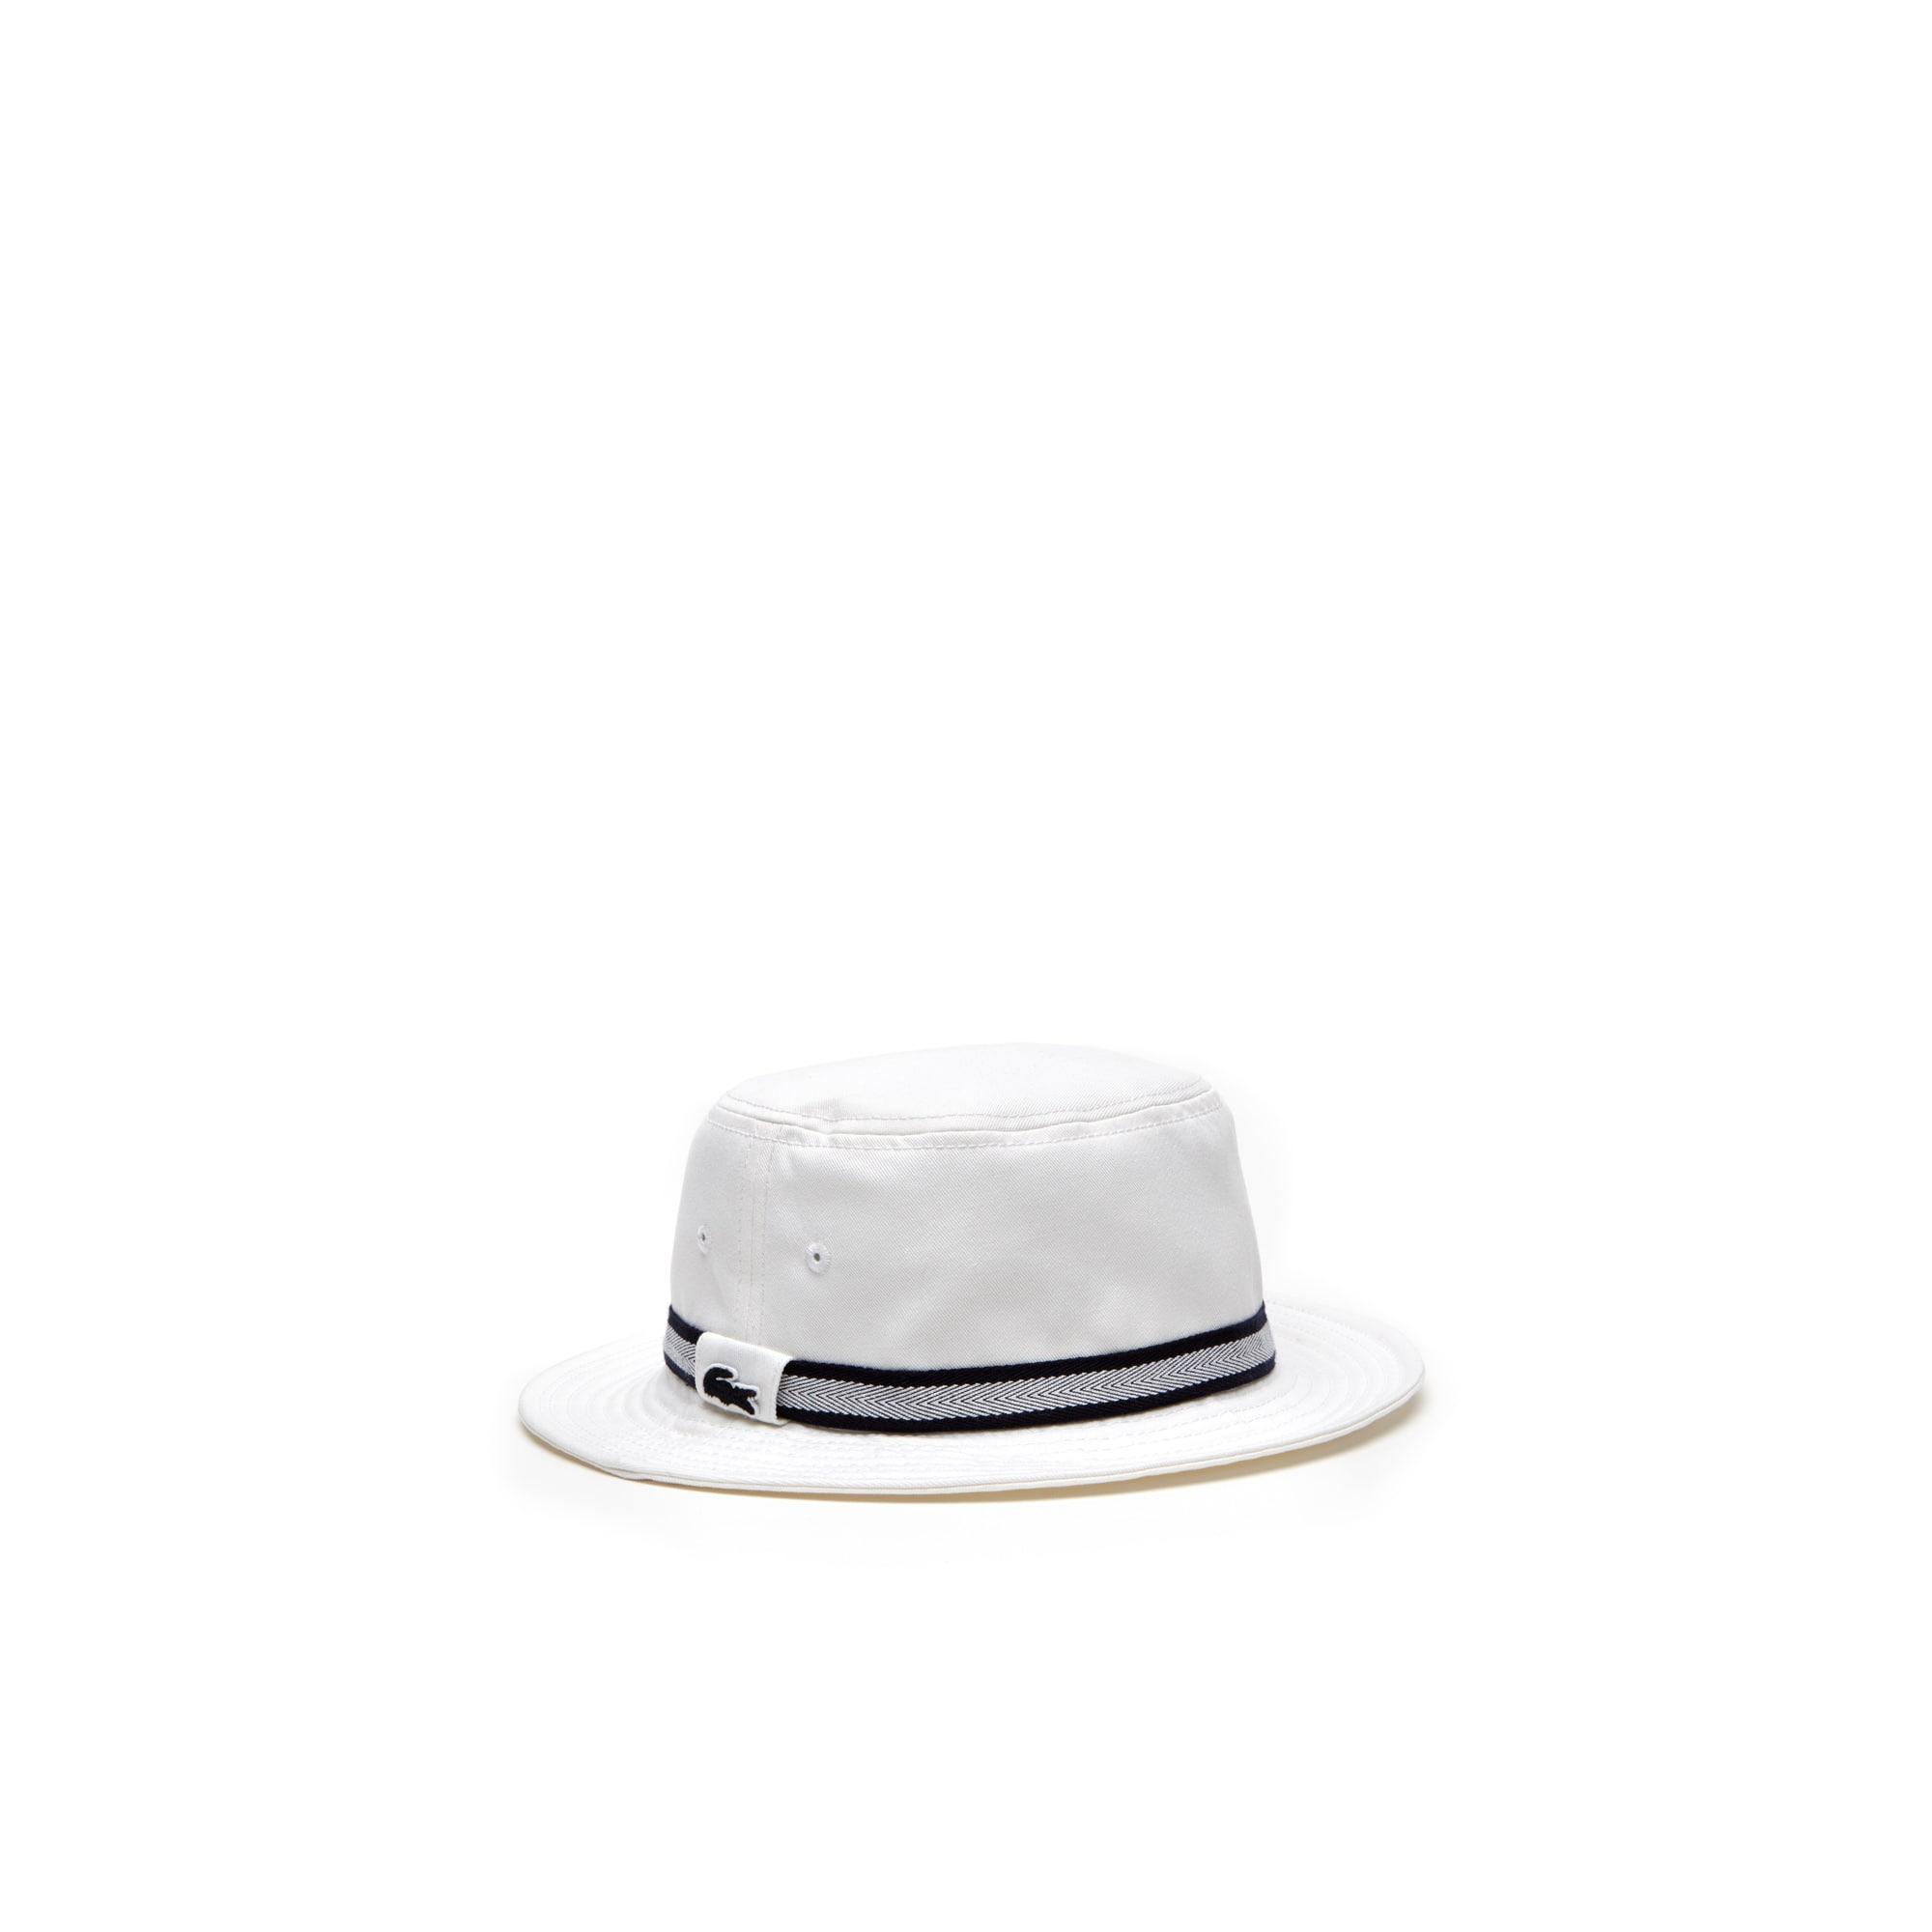 Herren-Hut aus Baumwoll-Gabardine mit gestreiftem Band